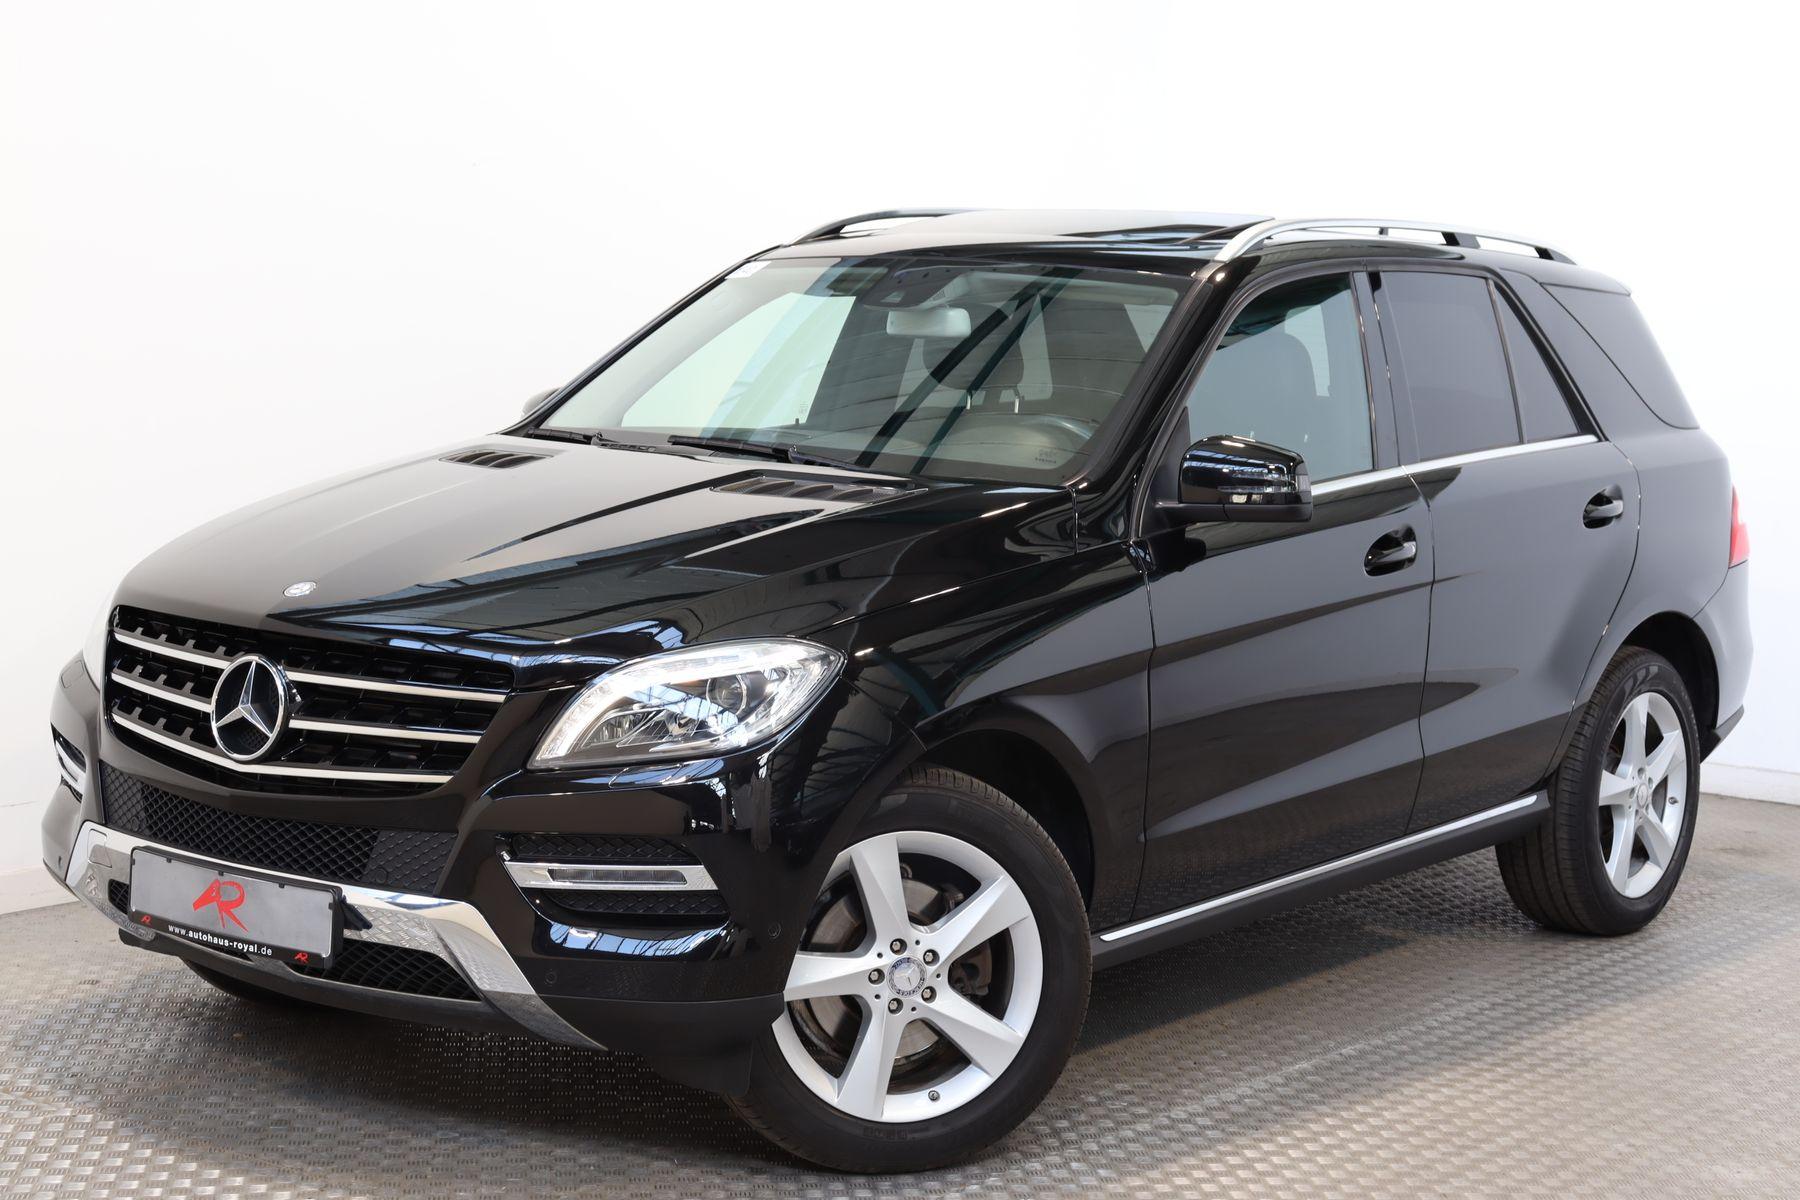 Mercedes-Benz ML 250 BT 4MATIC SPORTPAKET ILS,AKT.PARKASSIST, Jahr 2015, Diesel